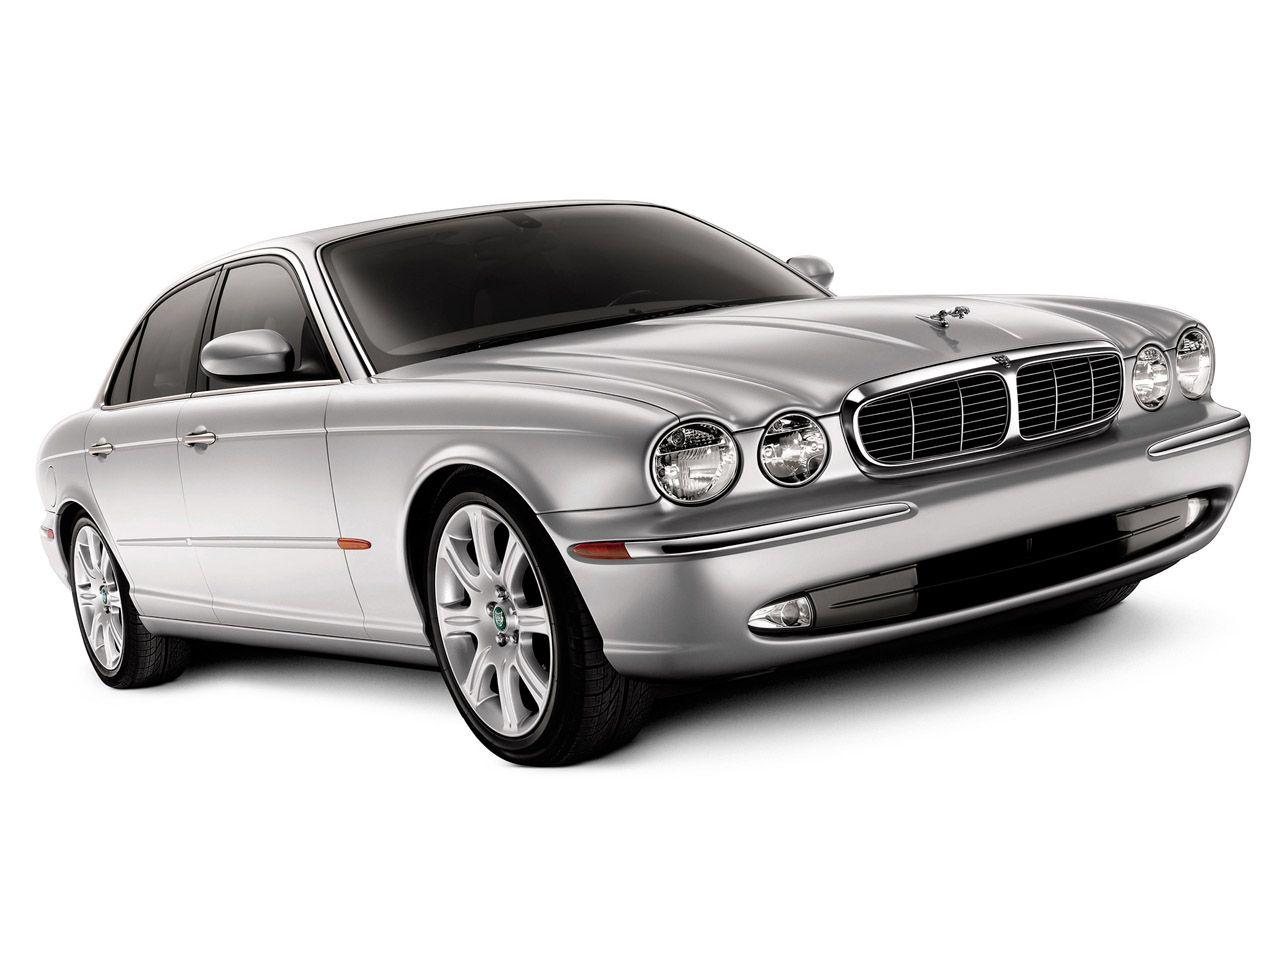 Google 이미지 검색결과 Http Dayerses Com Data Images Posts Jaguar Xj8 Jaguar Xj8 02 Jpg Jaguar Xj Jaguar Classic Cars